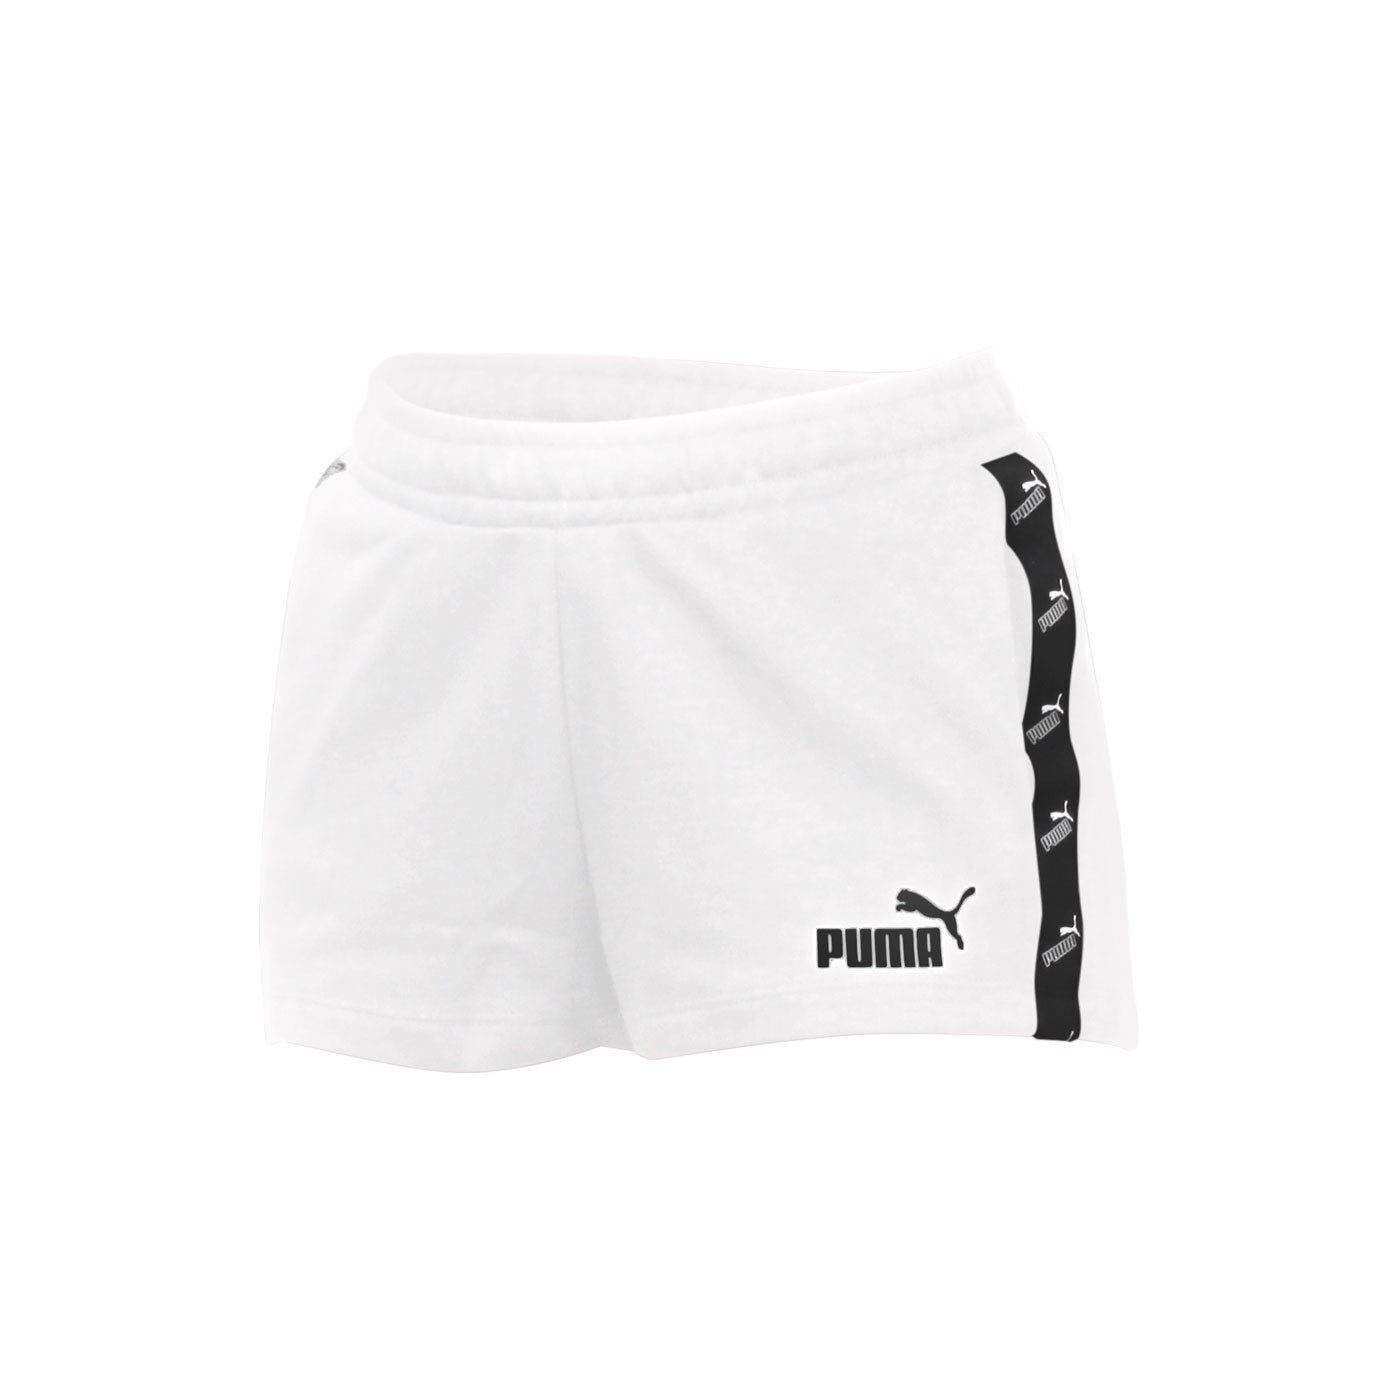 PUMA 女款基本系列2吋短褲 58530301 - 白黑